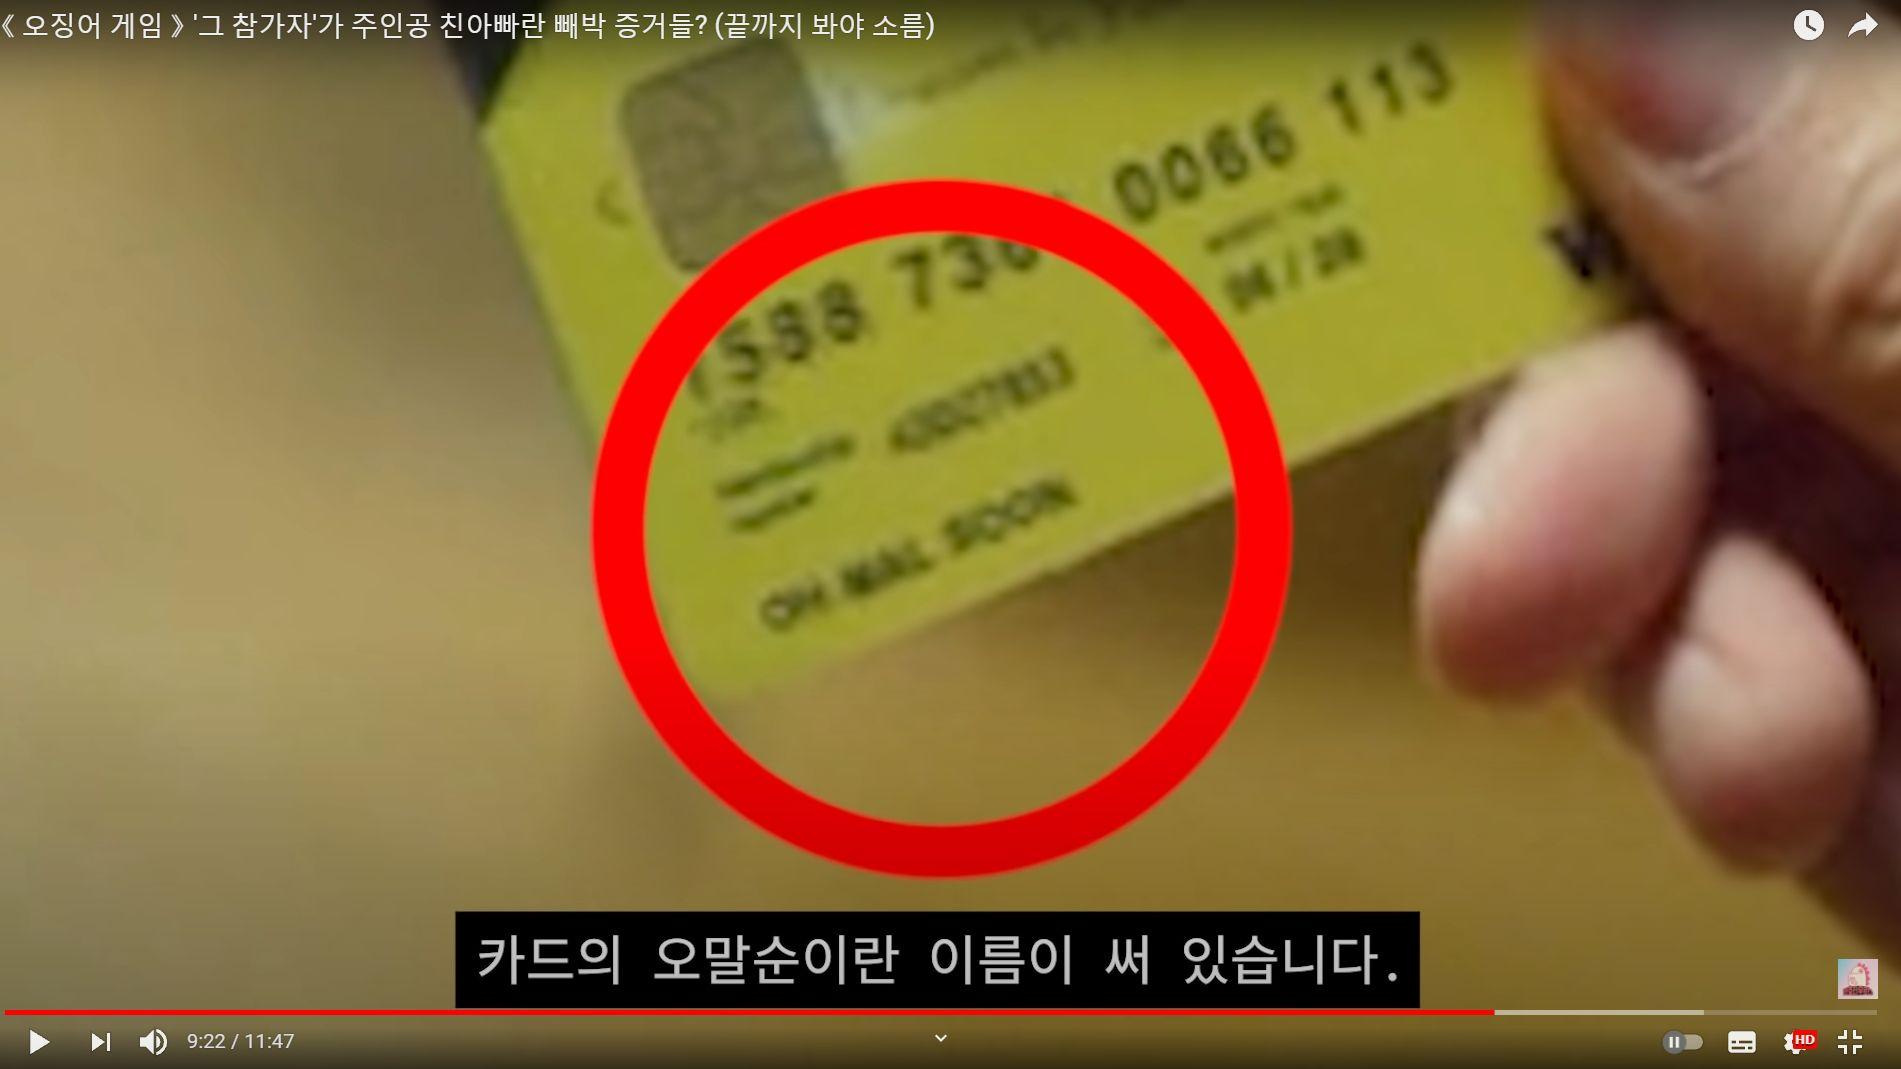 ▲▼成奇勳母親提款卡上的持卡人姓名為OH MAL-SOON。(圖/翻攝自Youtube@민호타우르스)